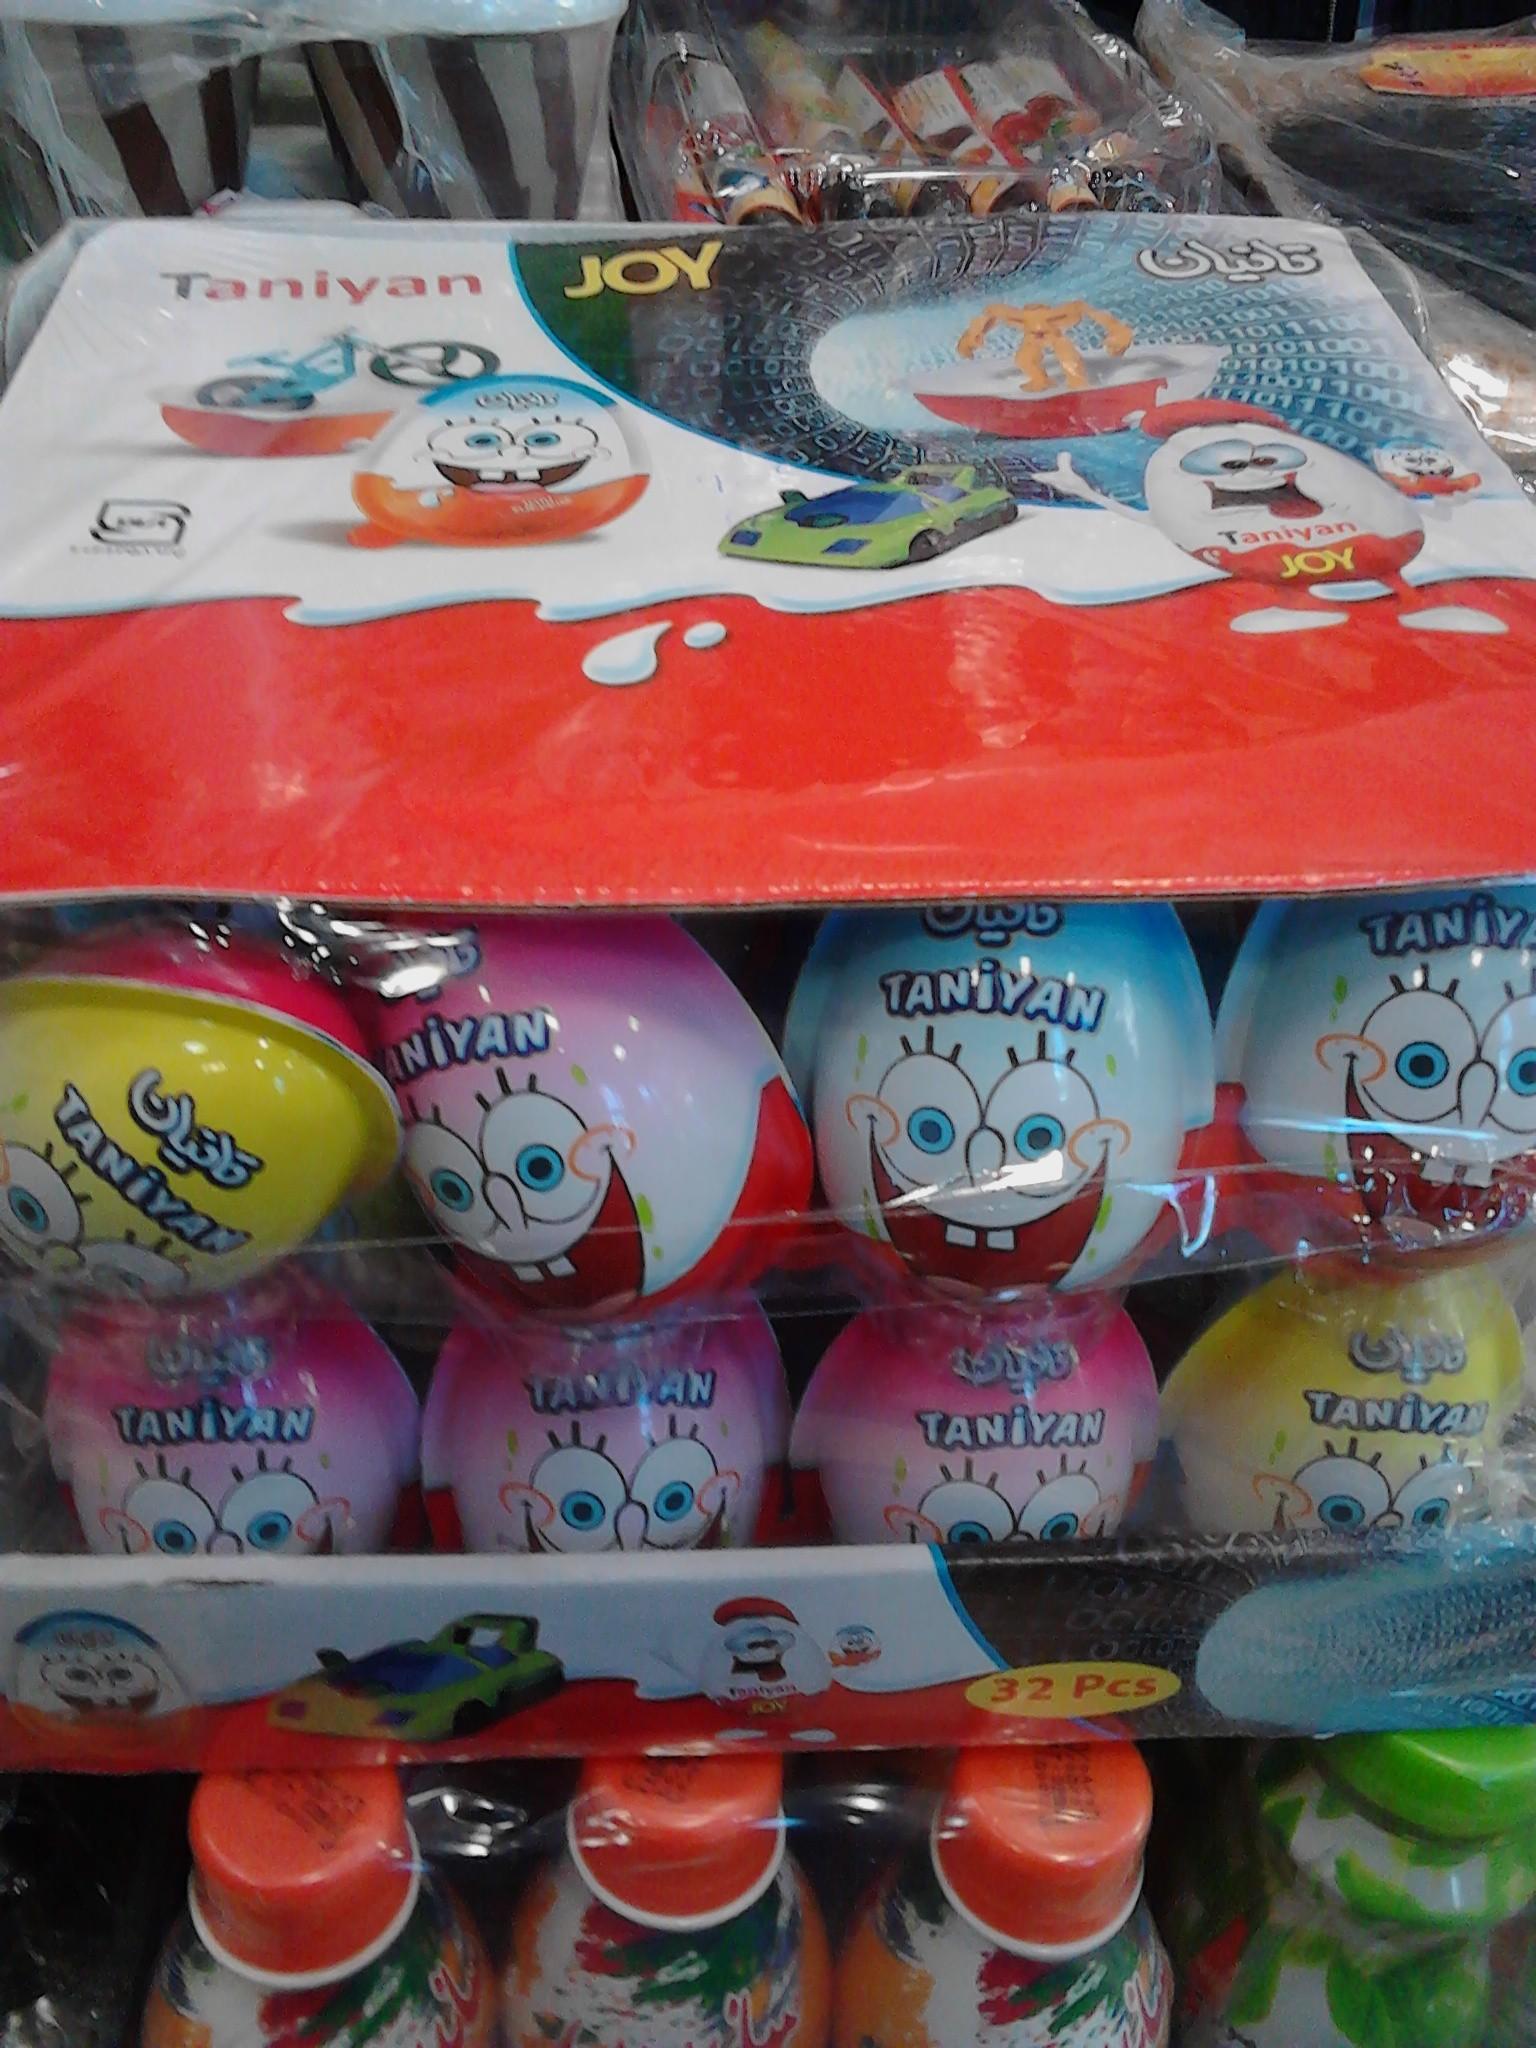 تخم مرغ شانسی کاکائویی برند TANIYAN